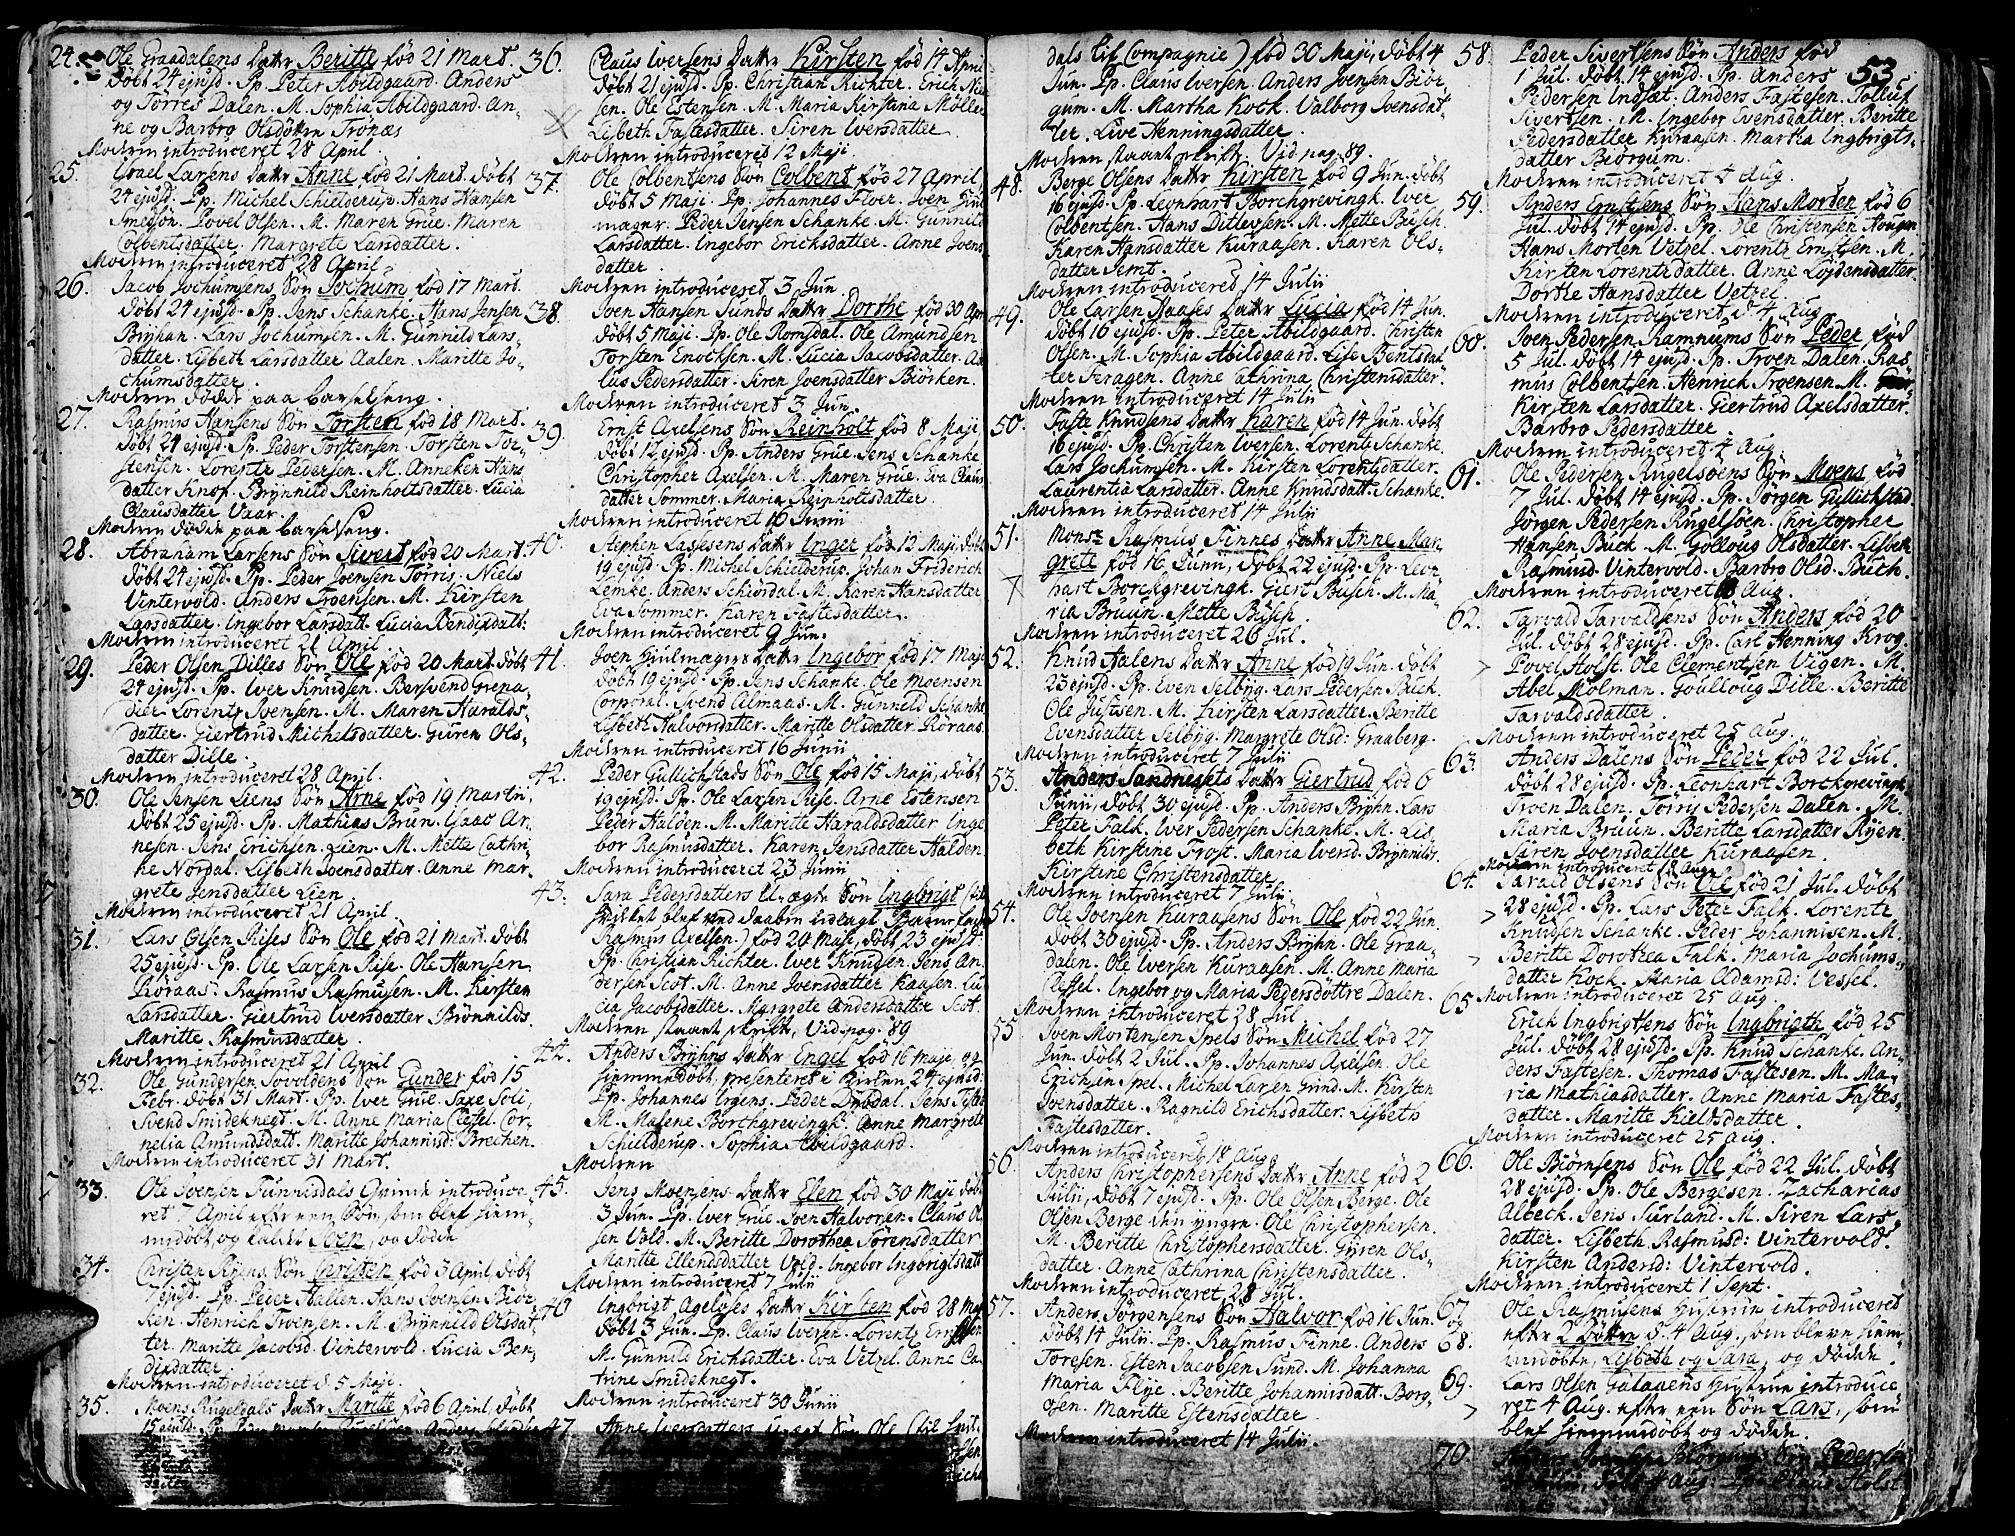 SAT, Ministerialprotokoller, klokkerbøker og fødselsregistre - Sør-Trøndelag, 681/L0925: Ministerialbok nr. 681A03, 1727-1766, s. 53